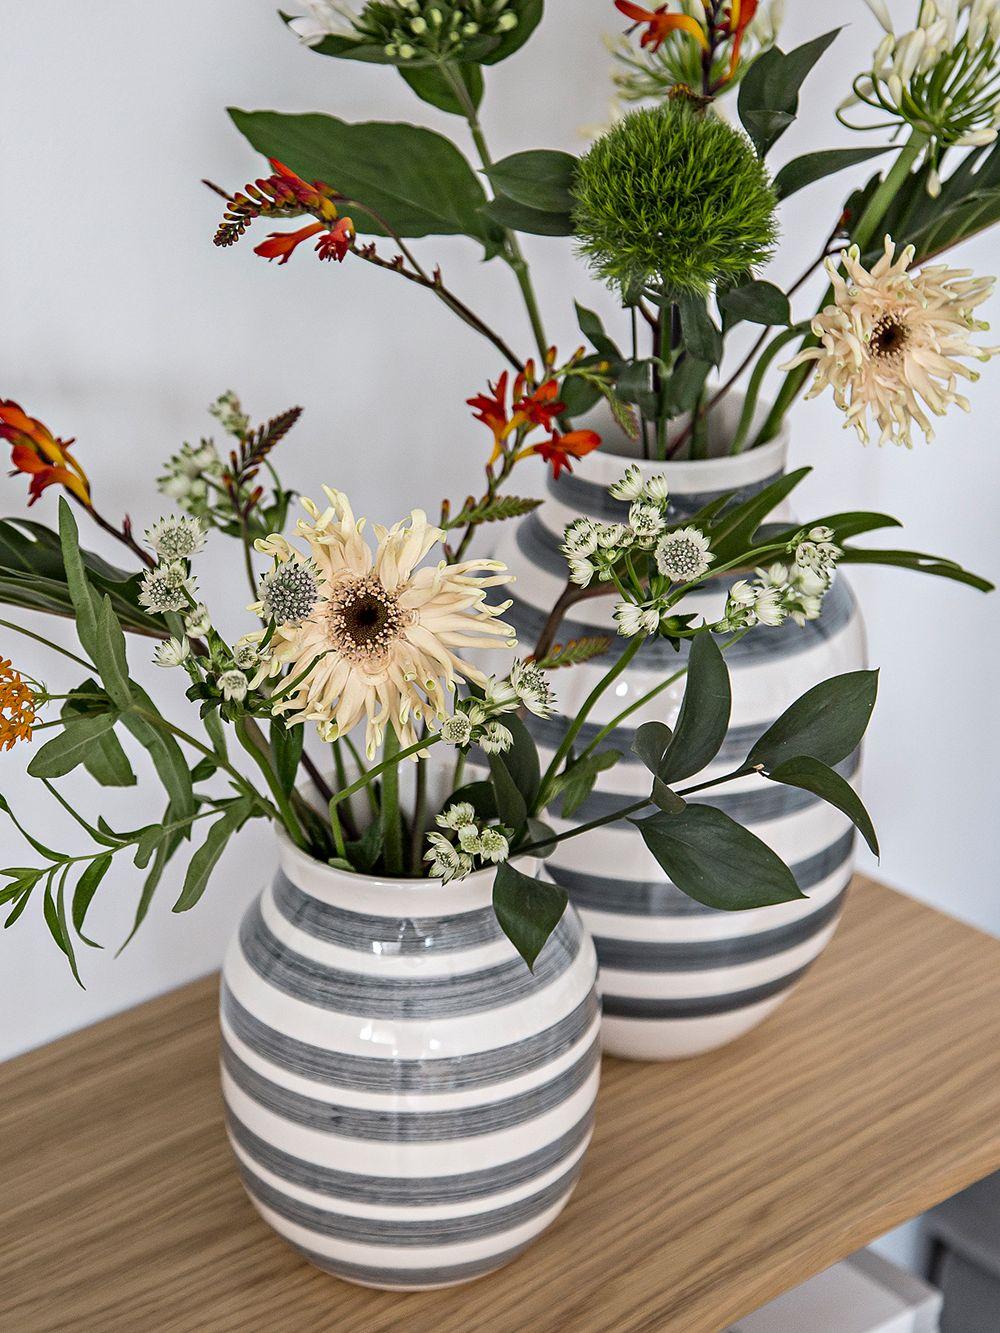 Kähler Omaggio vases